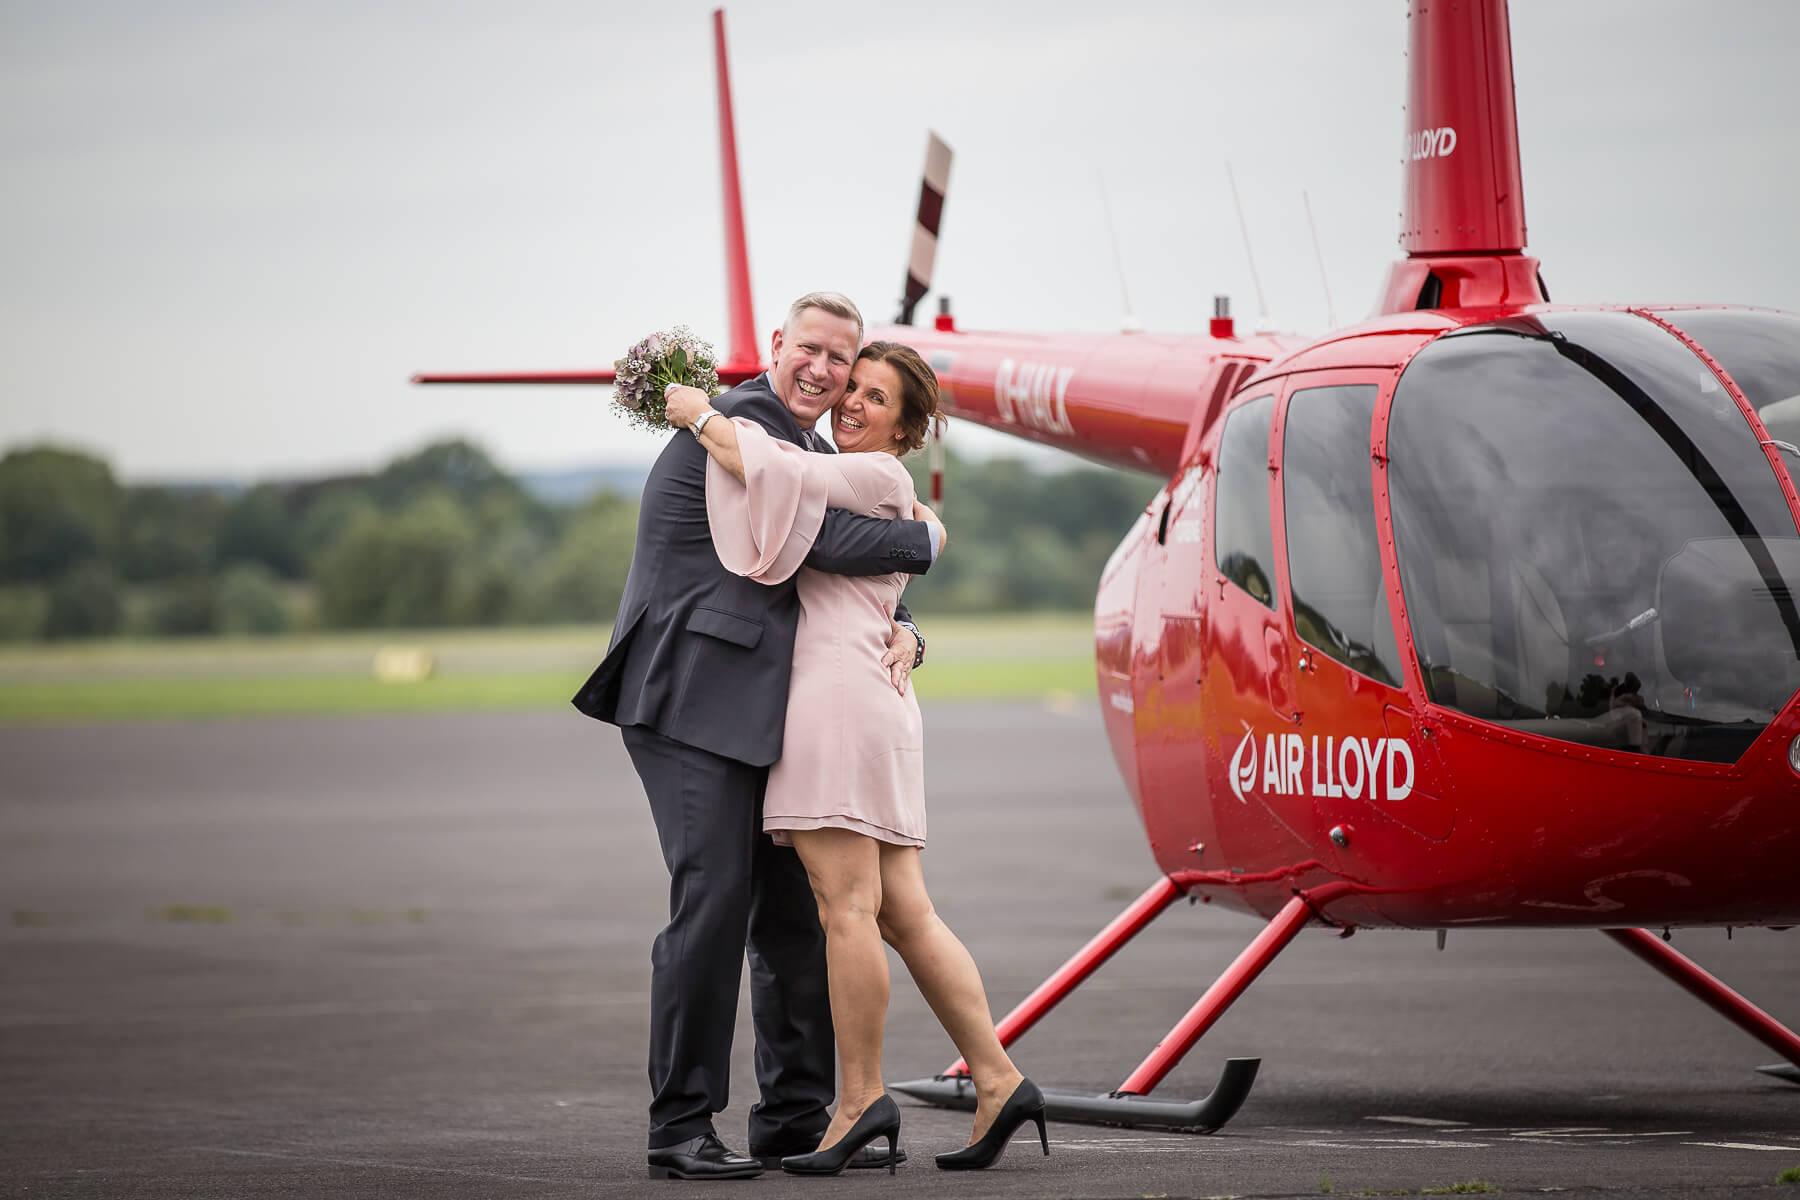 Hochzeitsreportage  Fotograf  Lufthochzeit im Hubschrauber  Hangelar 11